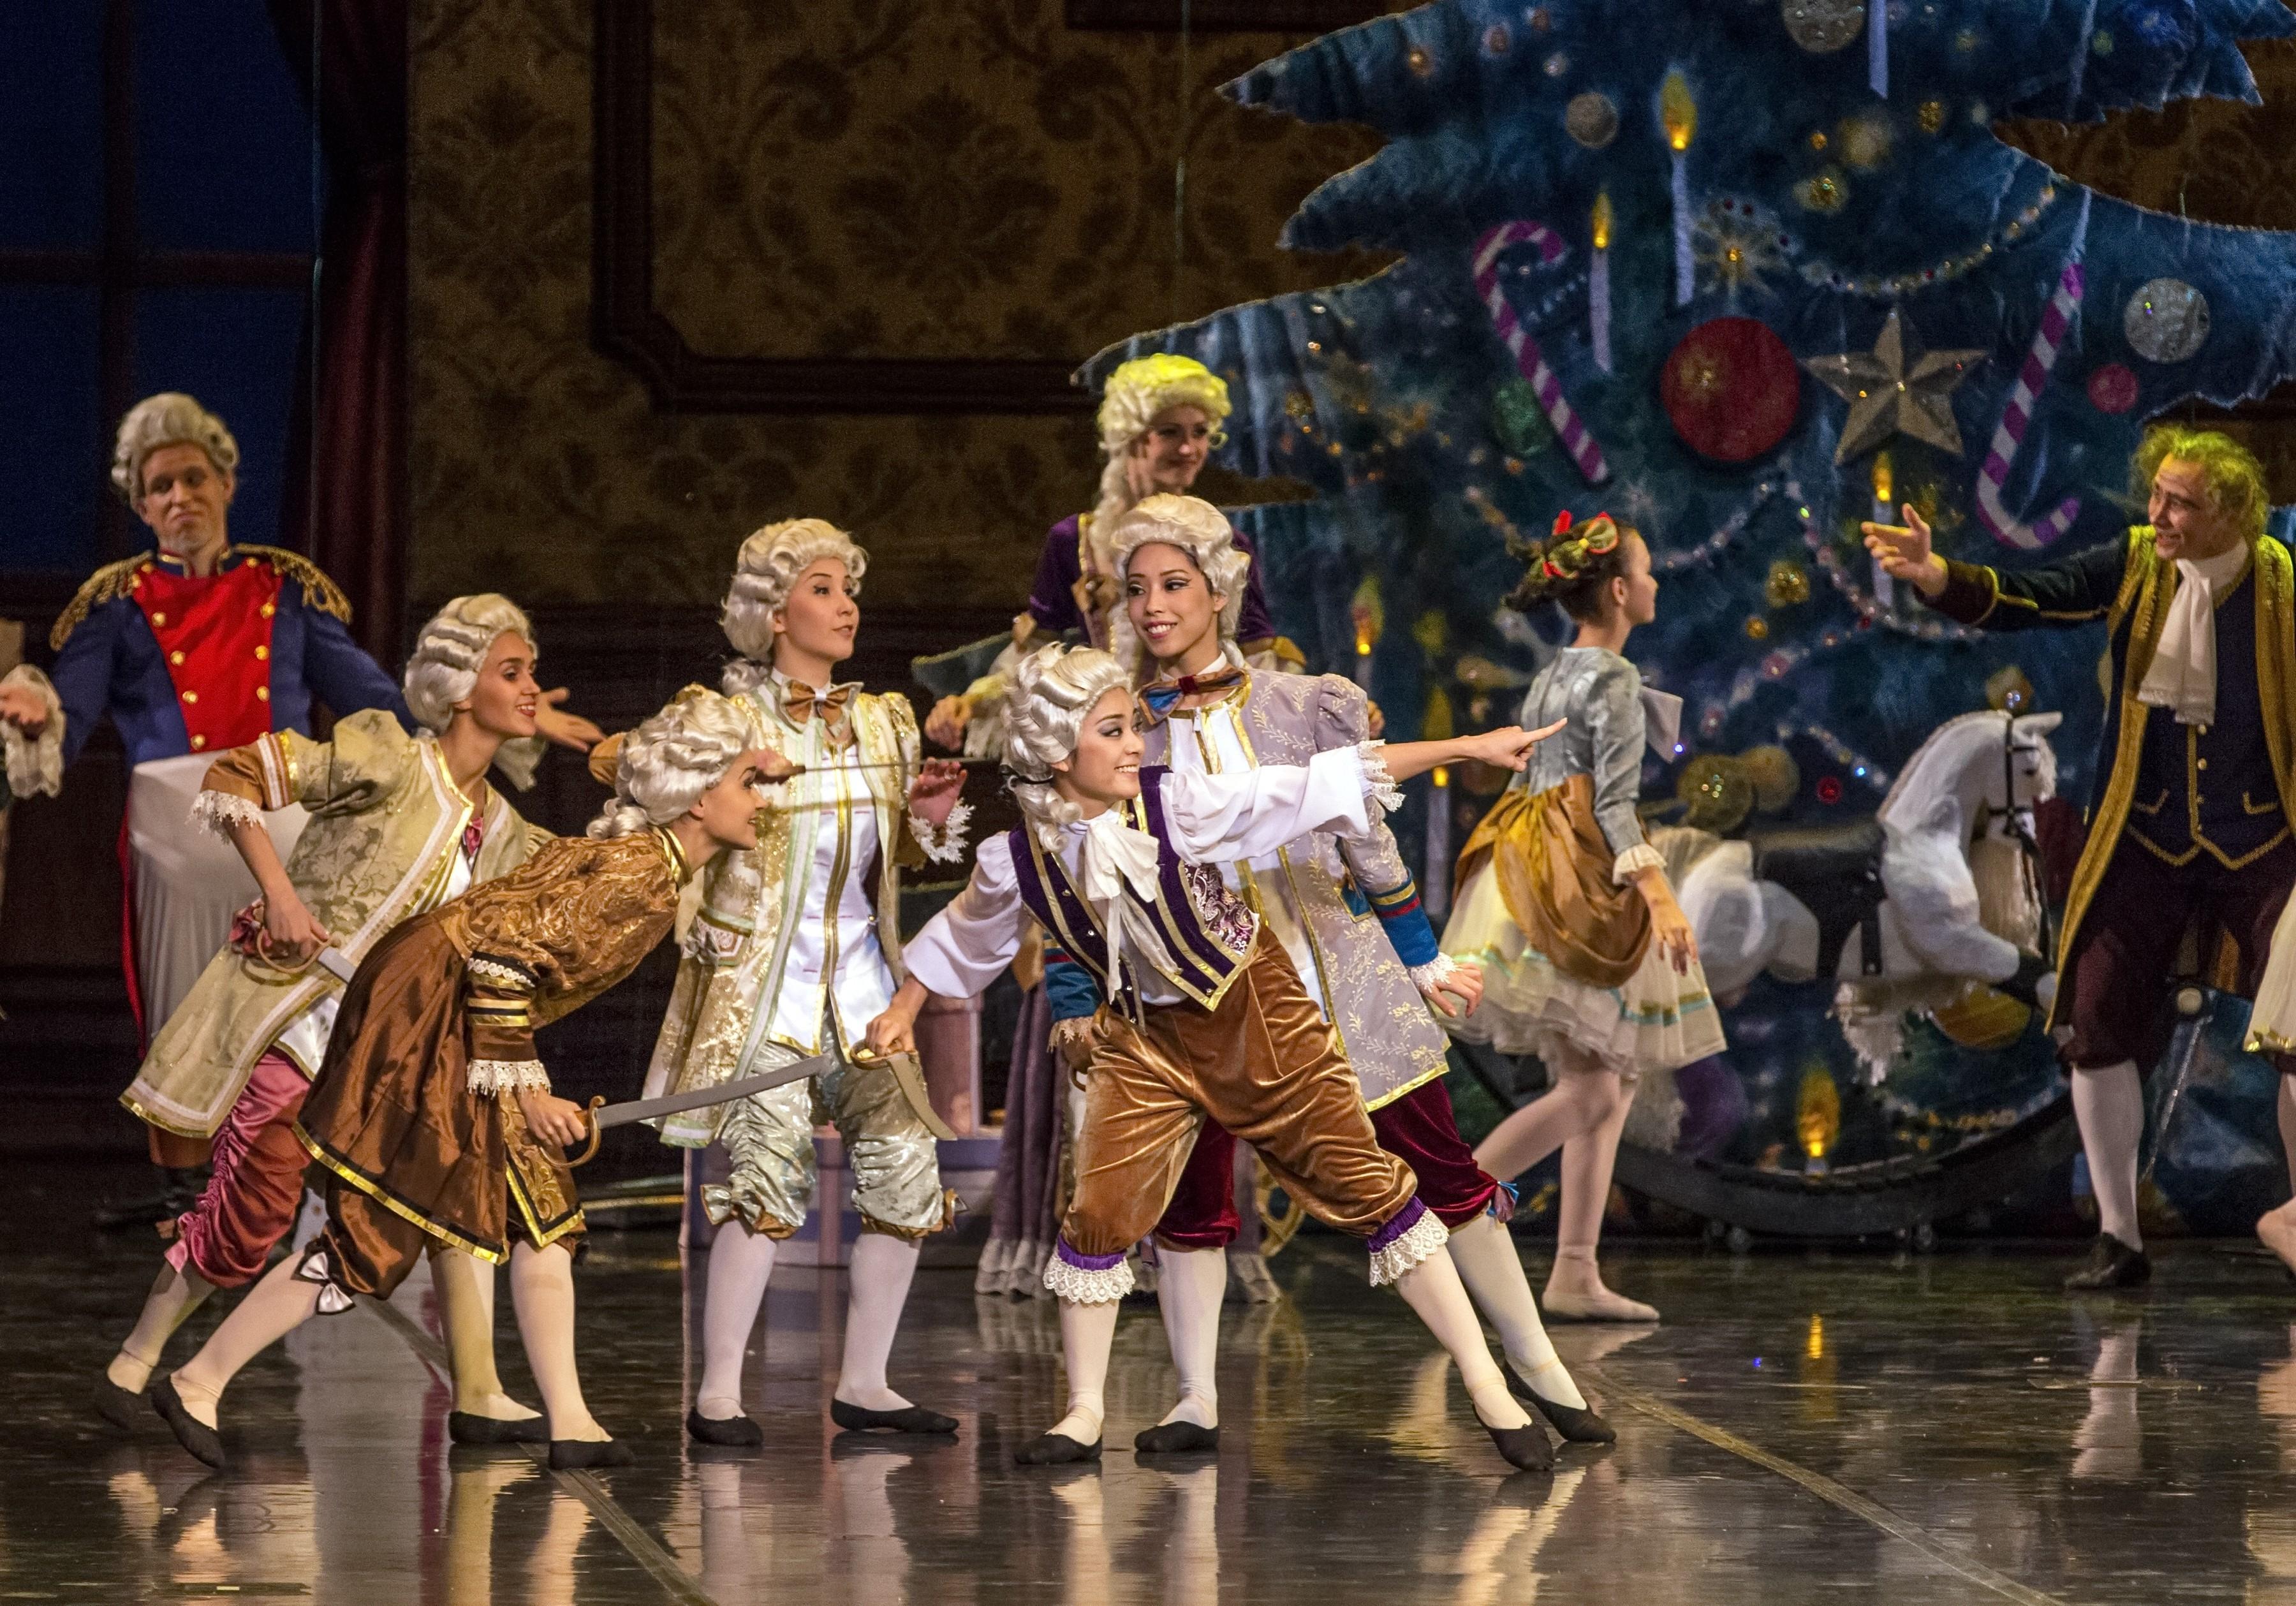 21 и 22 апреля приглашаем на балетный спектакль «Щелкунчик»